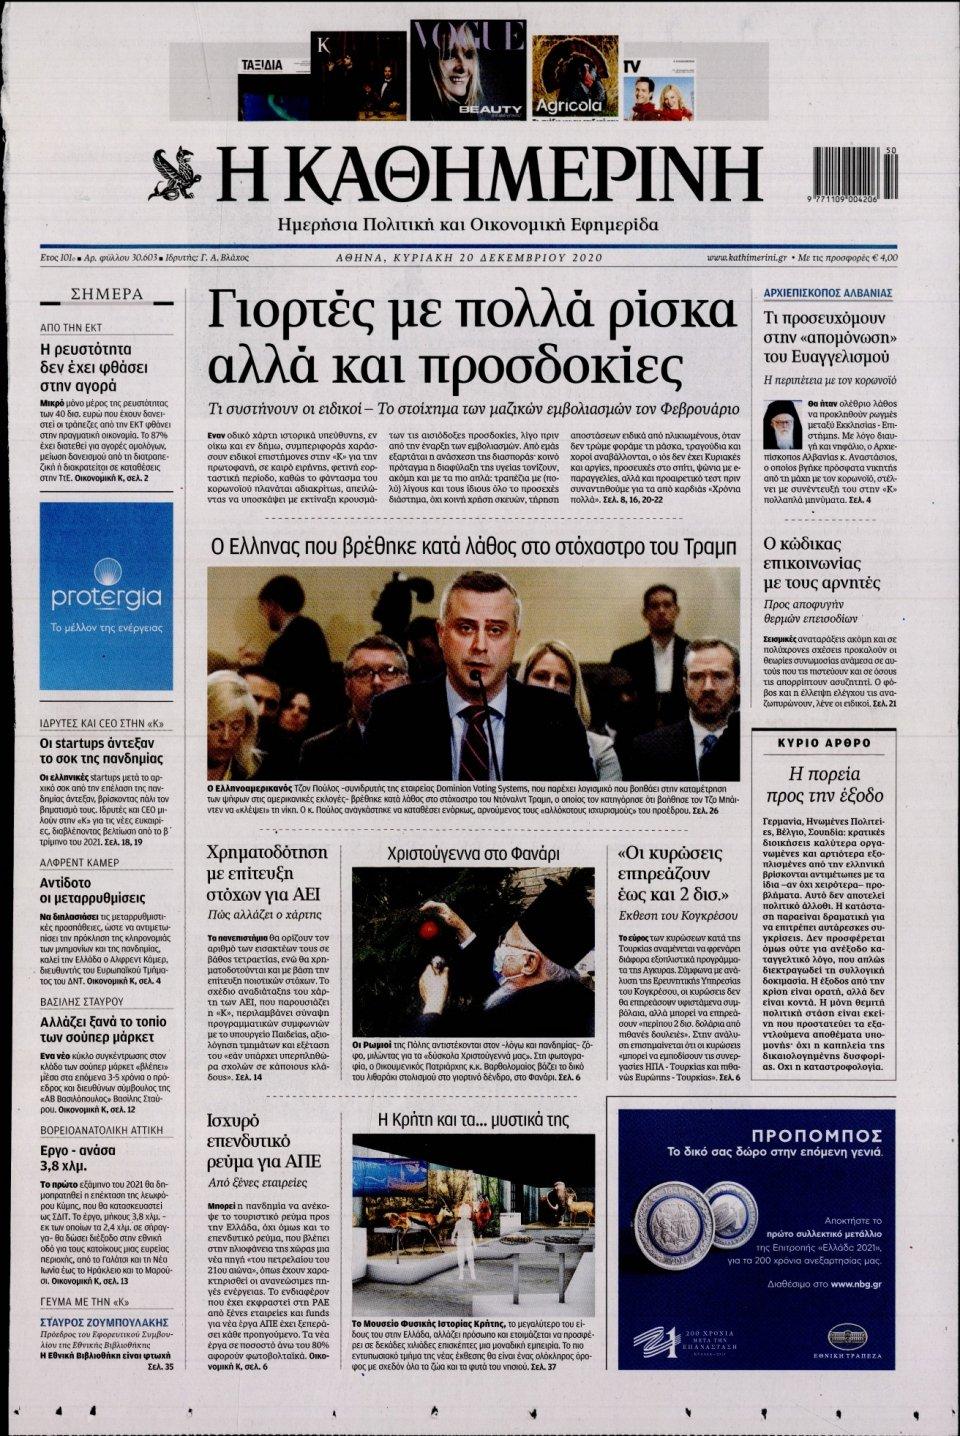 Πρωτοσέλιδο Εφημερίδας - Καθημερινή - 2020-12-20